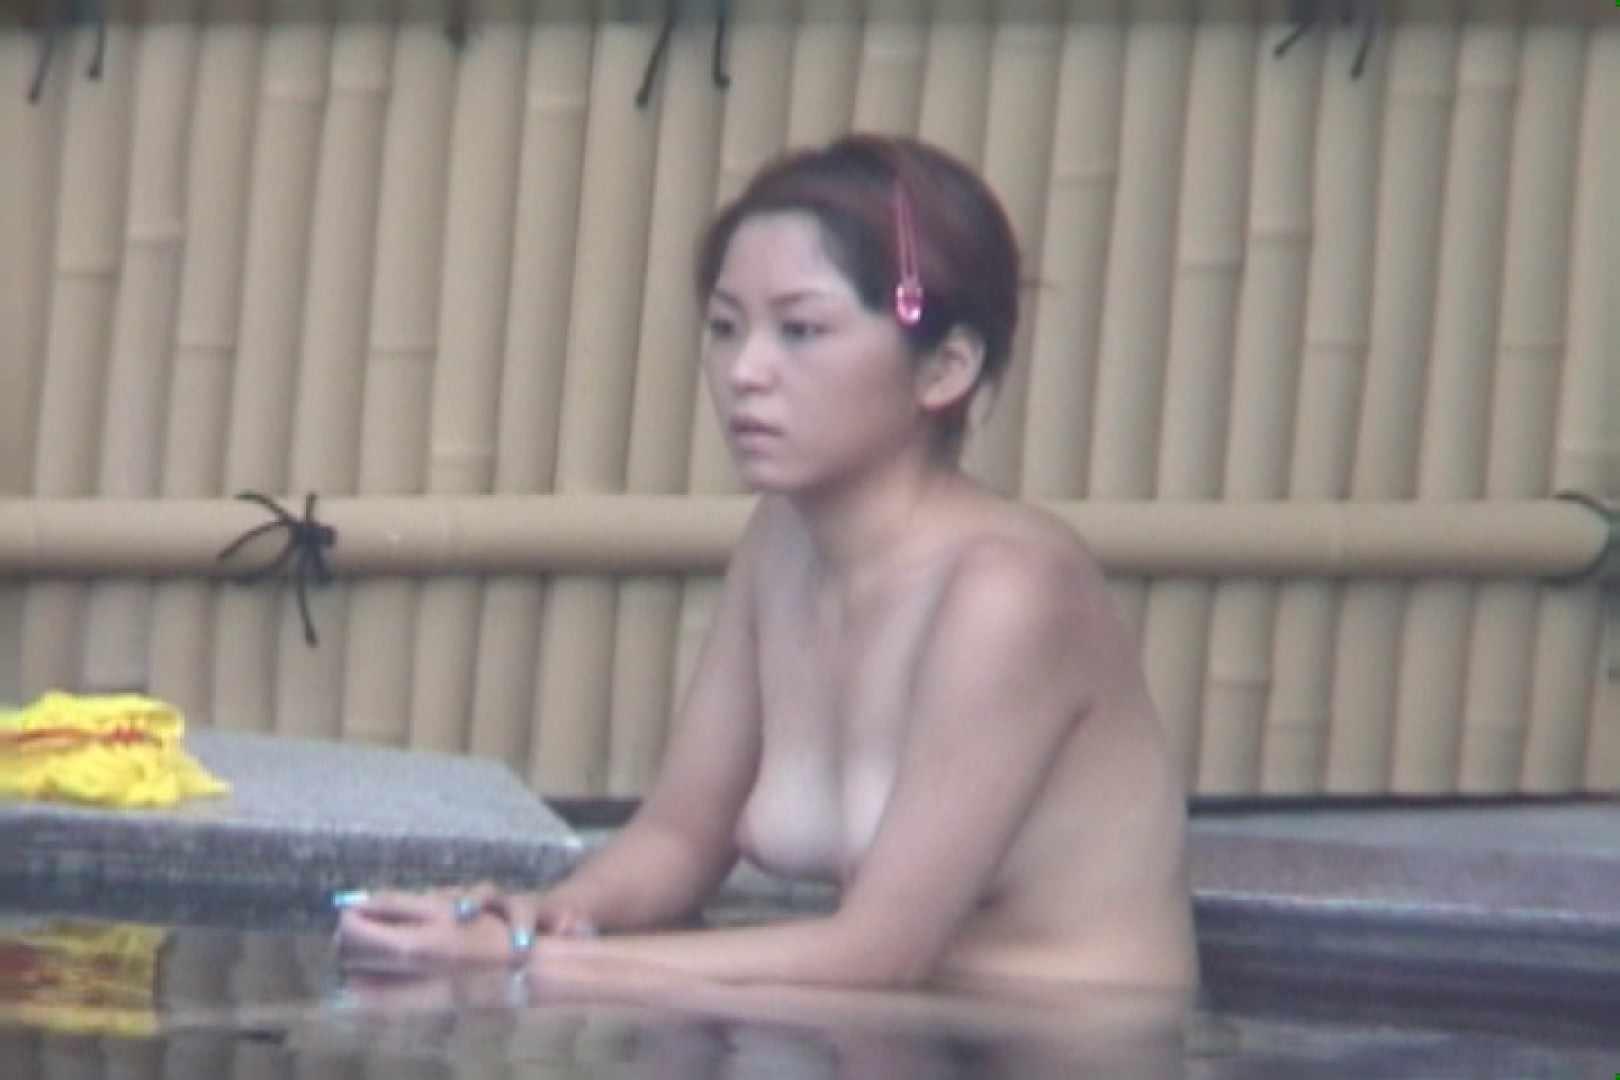 Aquaな露天風呂Vol.574 盗撮シリーズ  87PIX 56